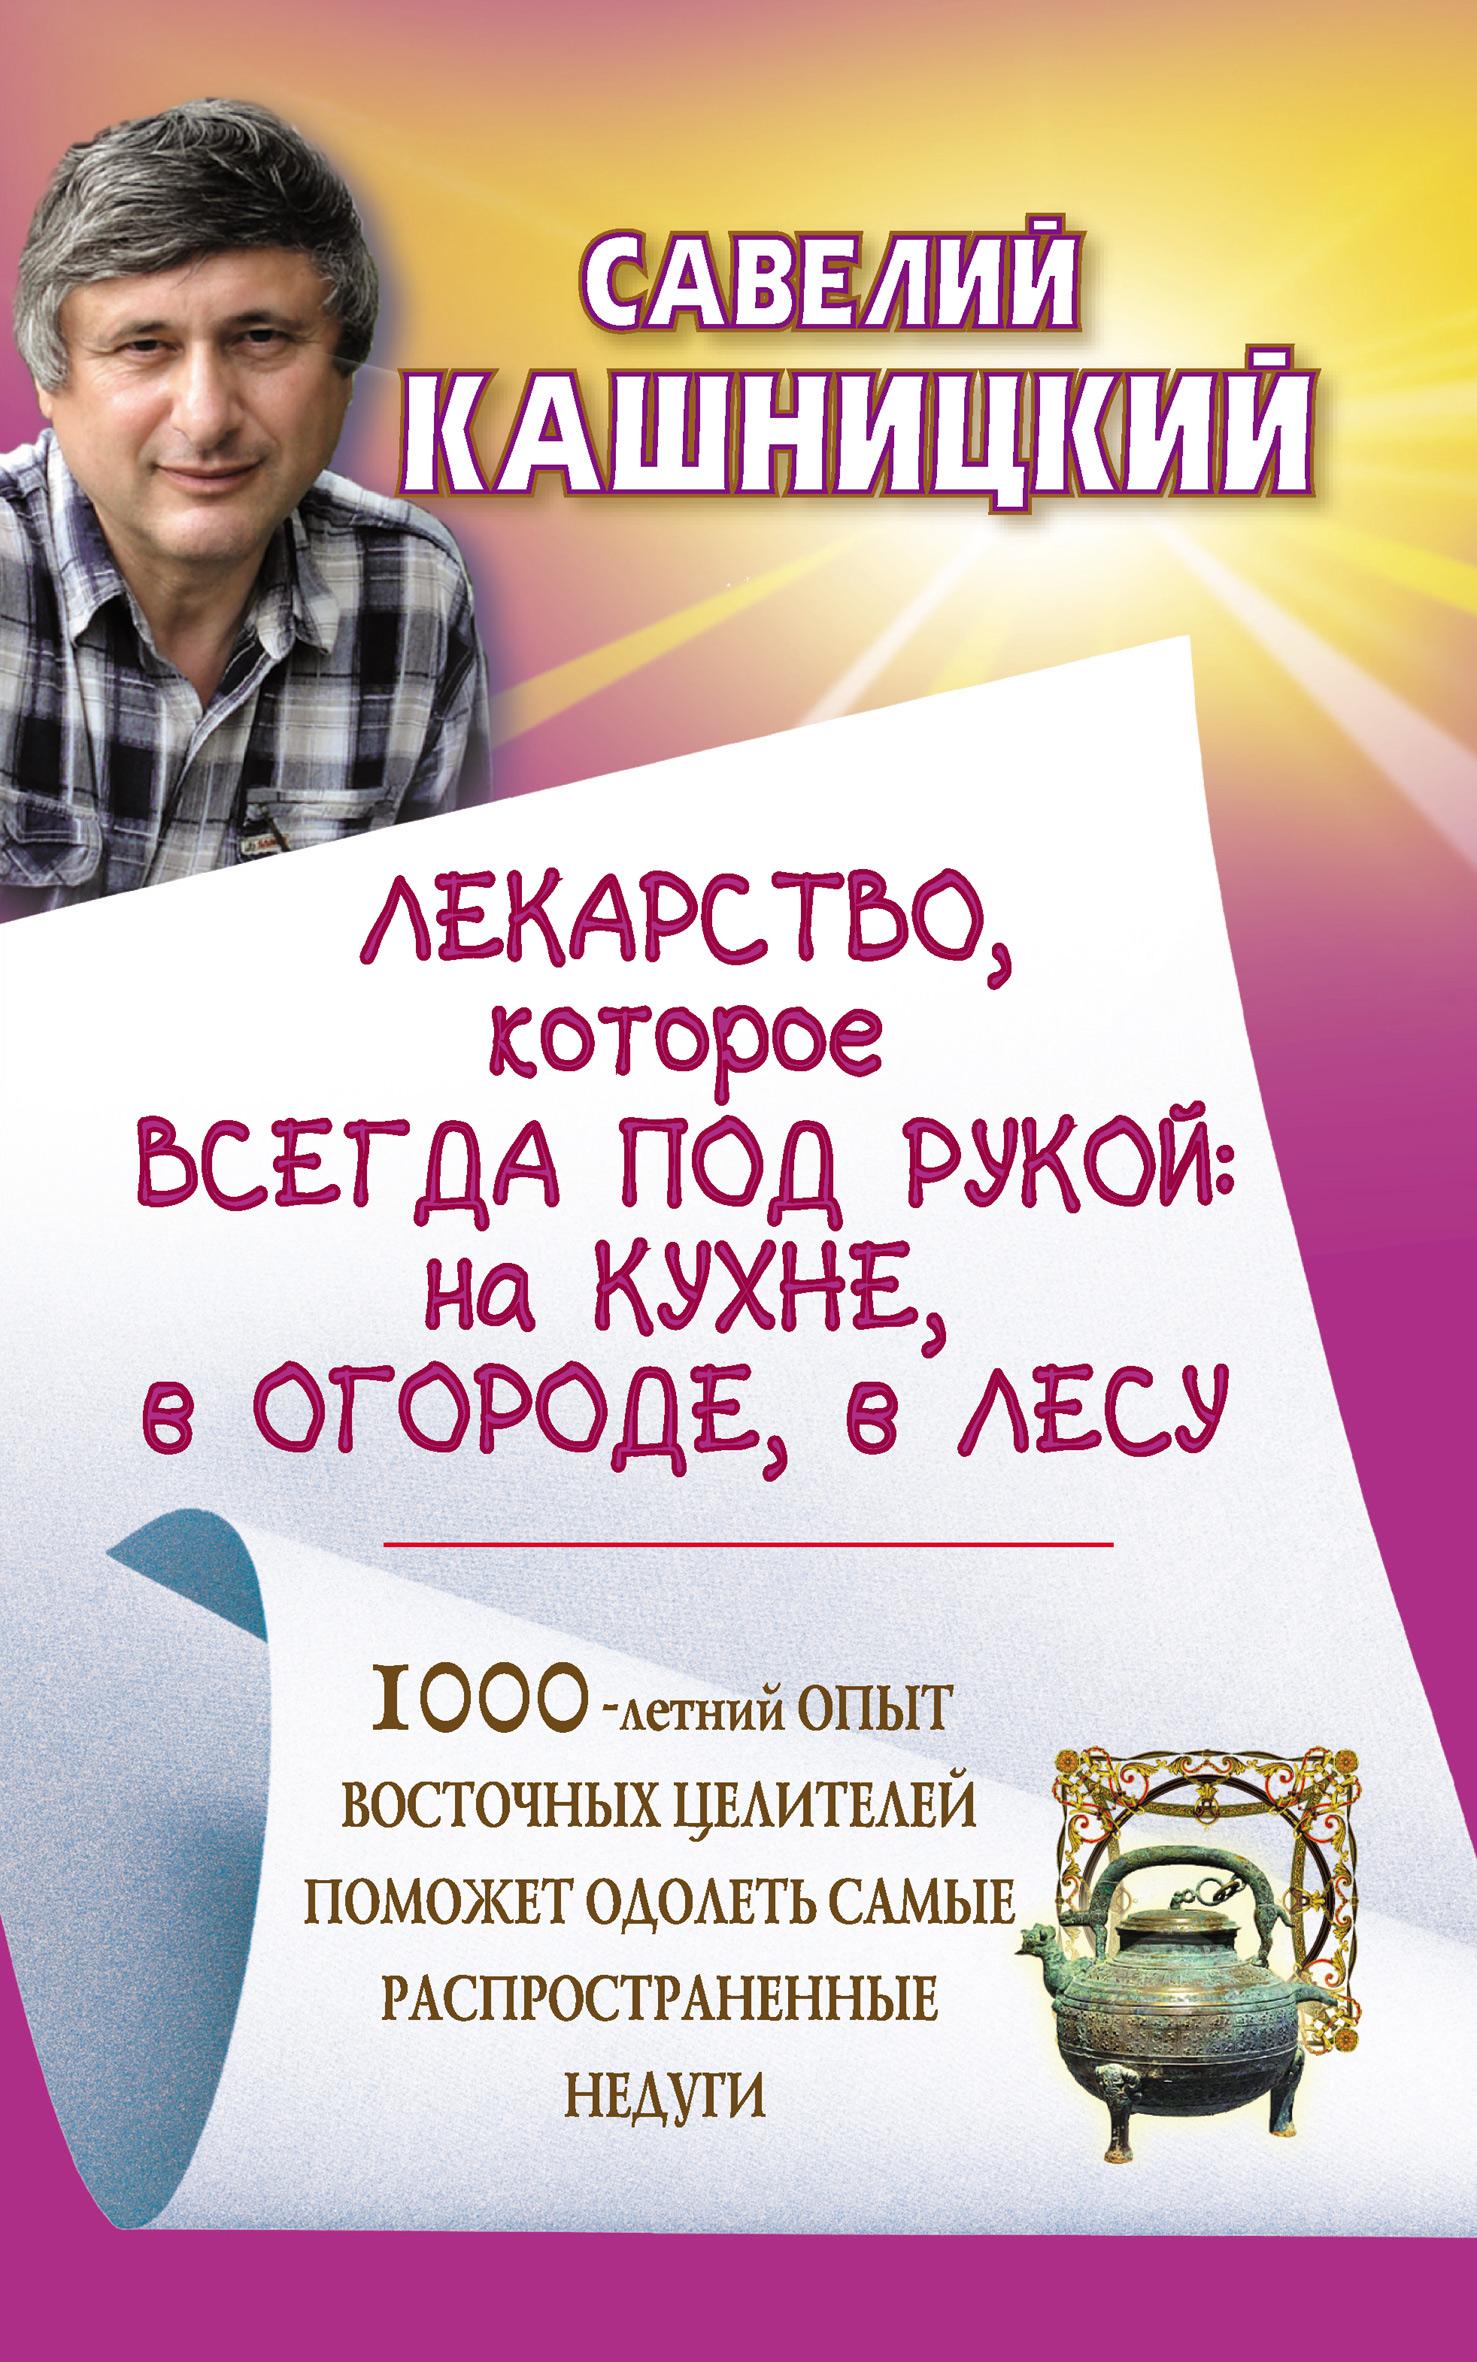 Савелий Кашницкий «Лекарство, которое всегда под рукой : на кухне, в огороде, в лесу»